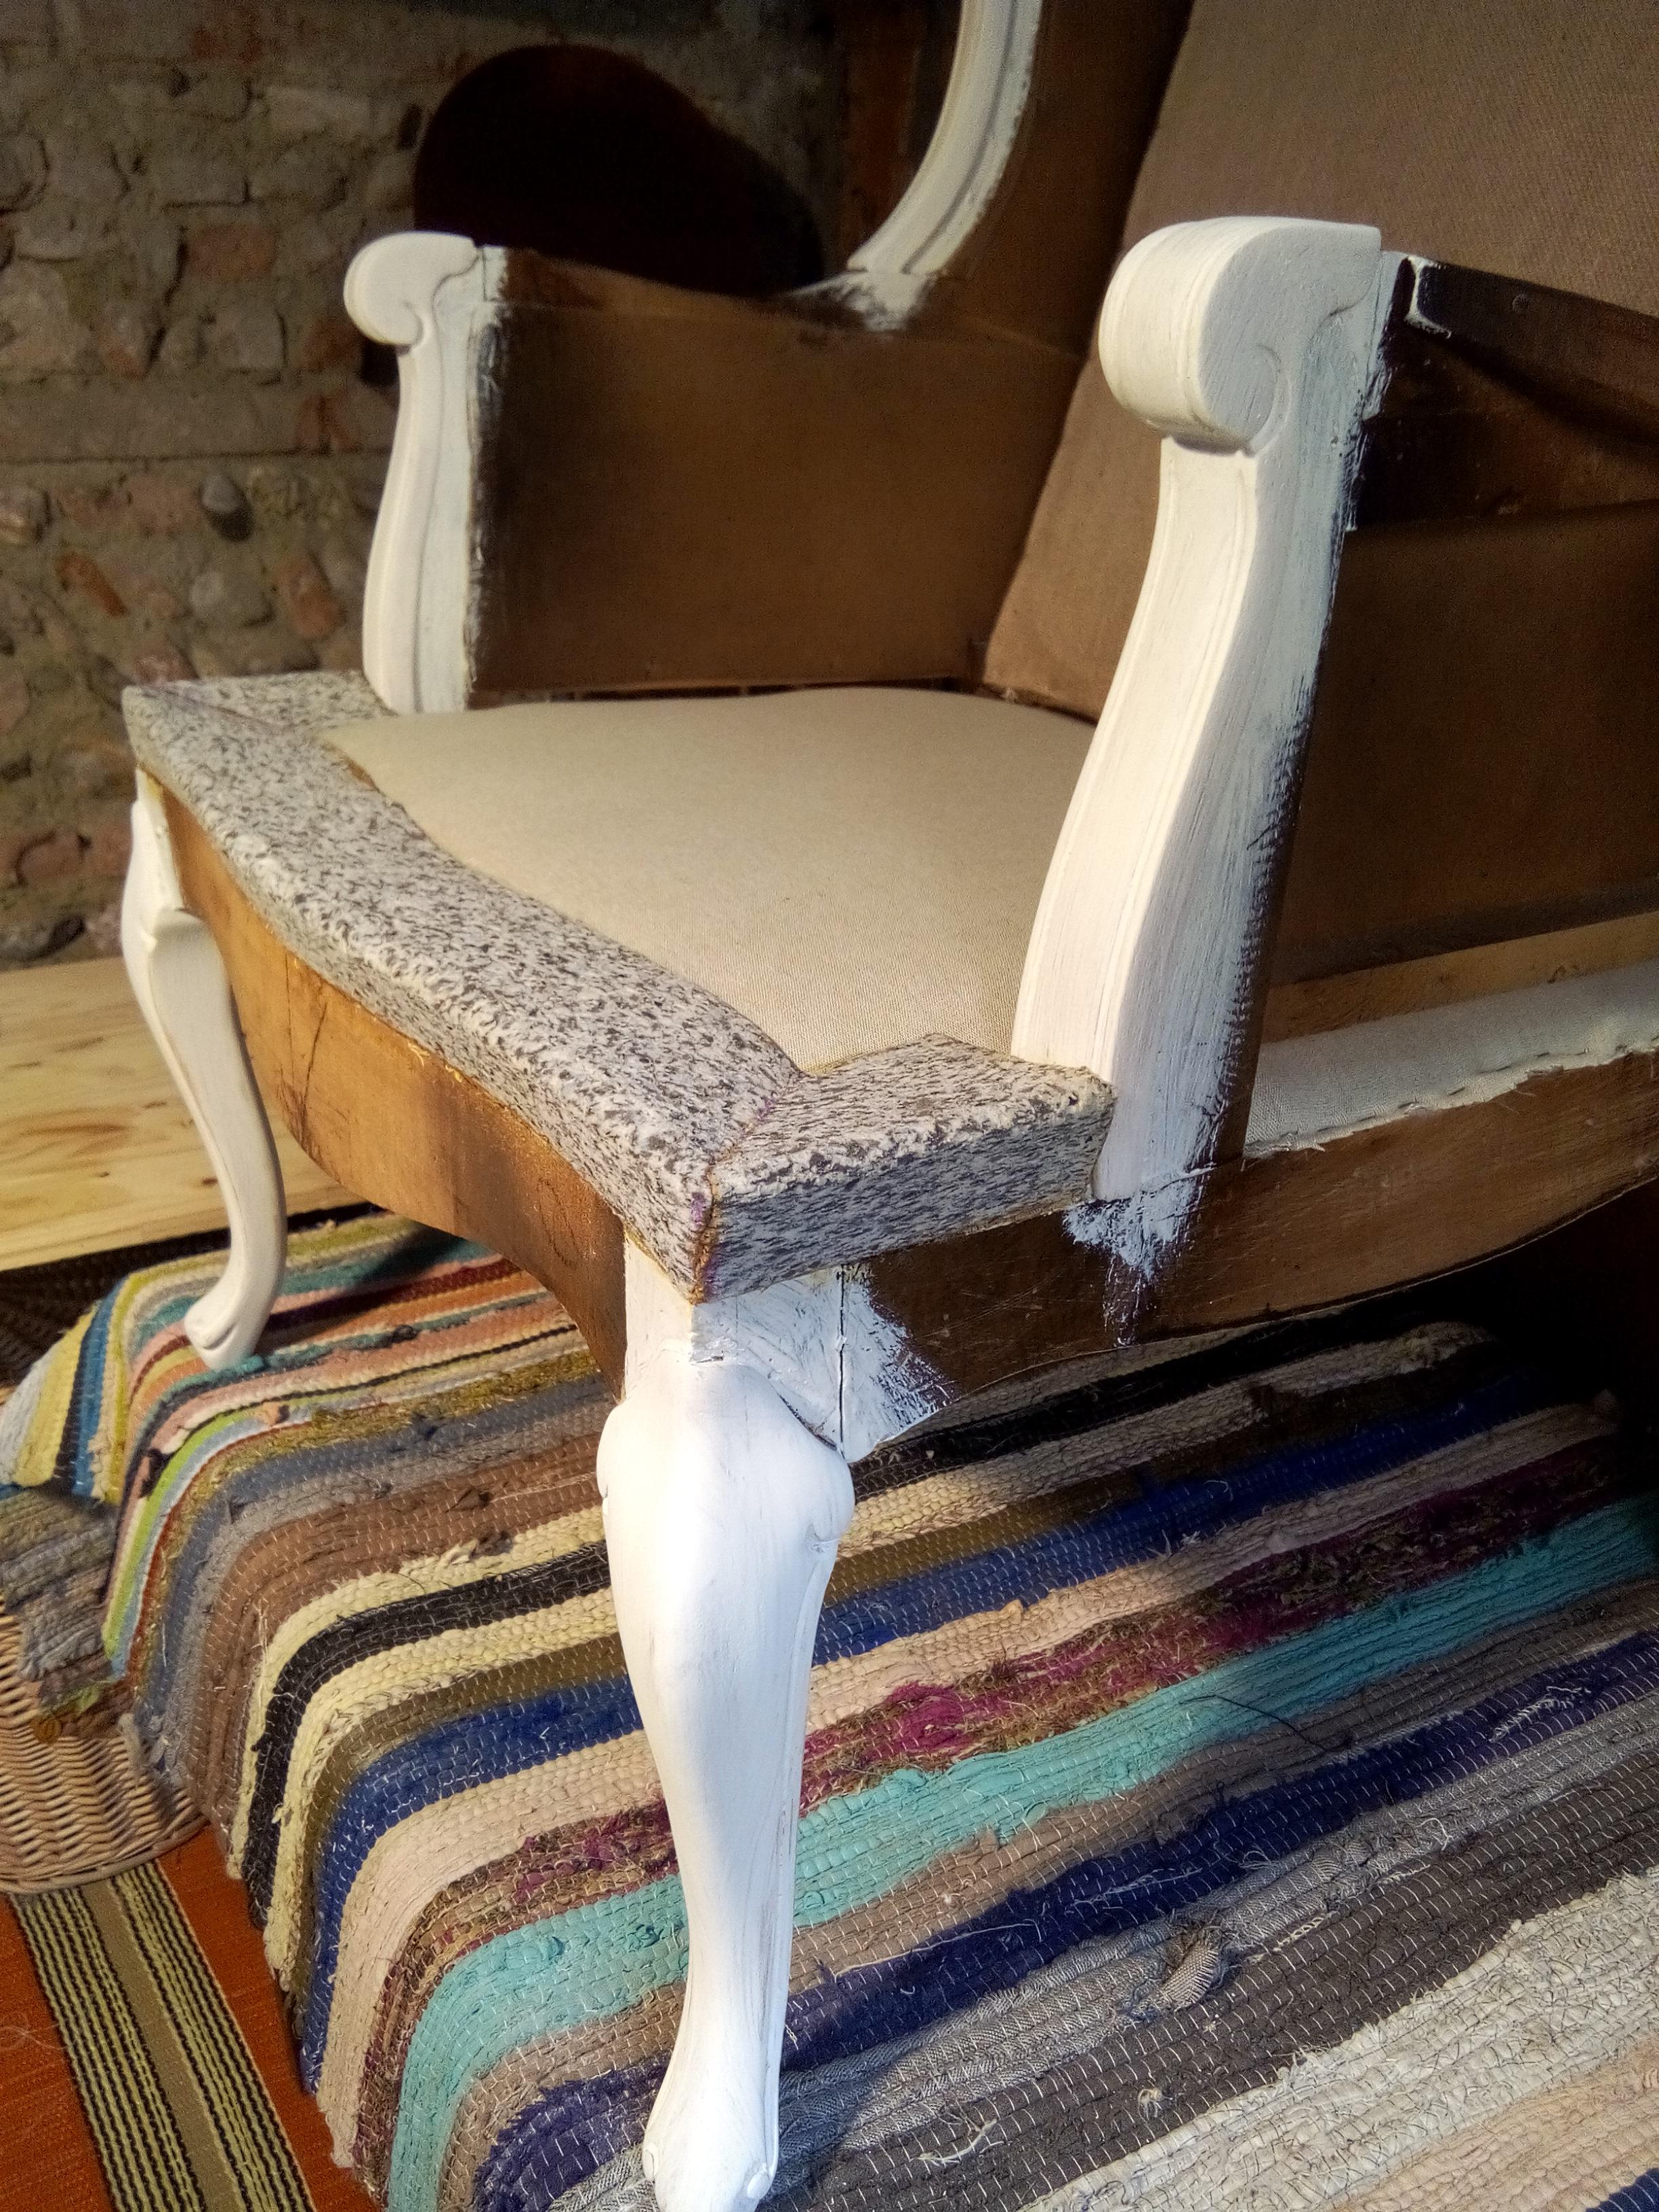 conception berg re oreilles louis xv en mousse at moly b m tapisserie d 39 ameublement. Black Bedroom Furniture Sets. Home Design Ideas